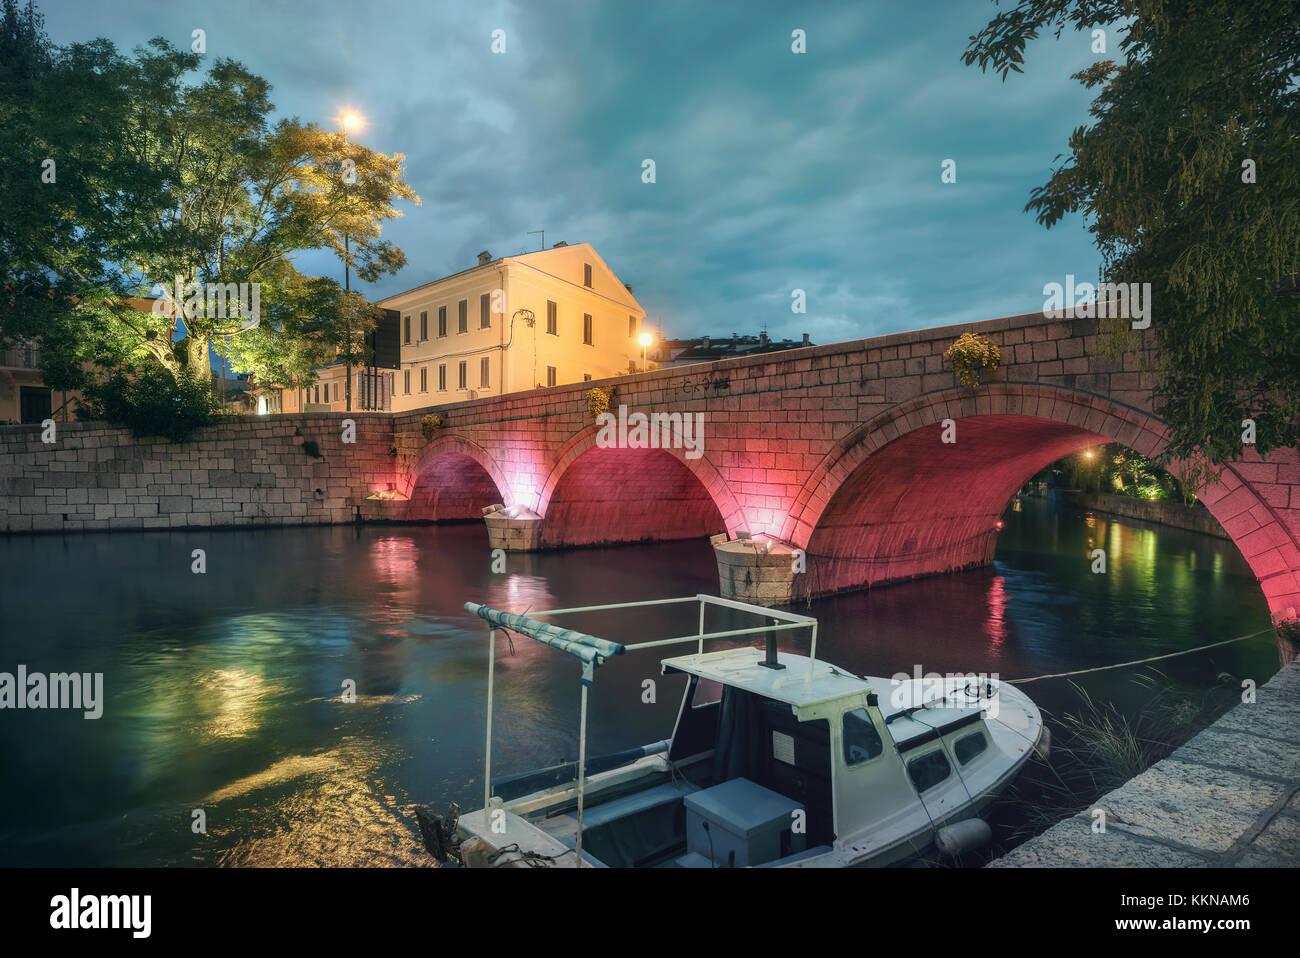 Paesaggio con ponte vecchio nel centro della città di notte. Crikvenica, Croazia Immagini Stock